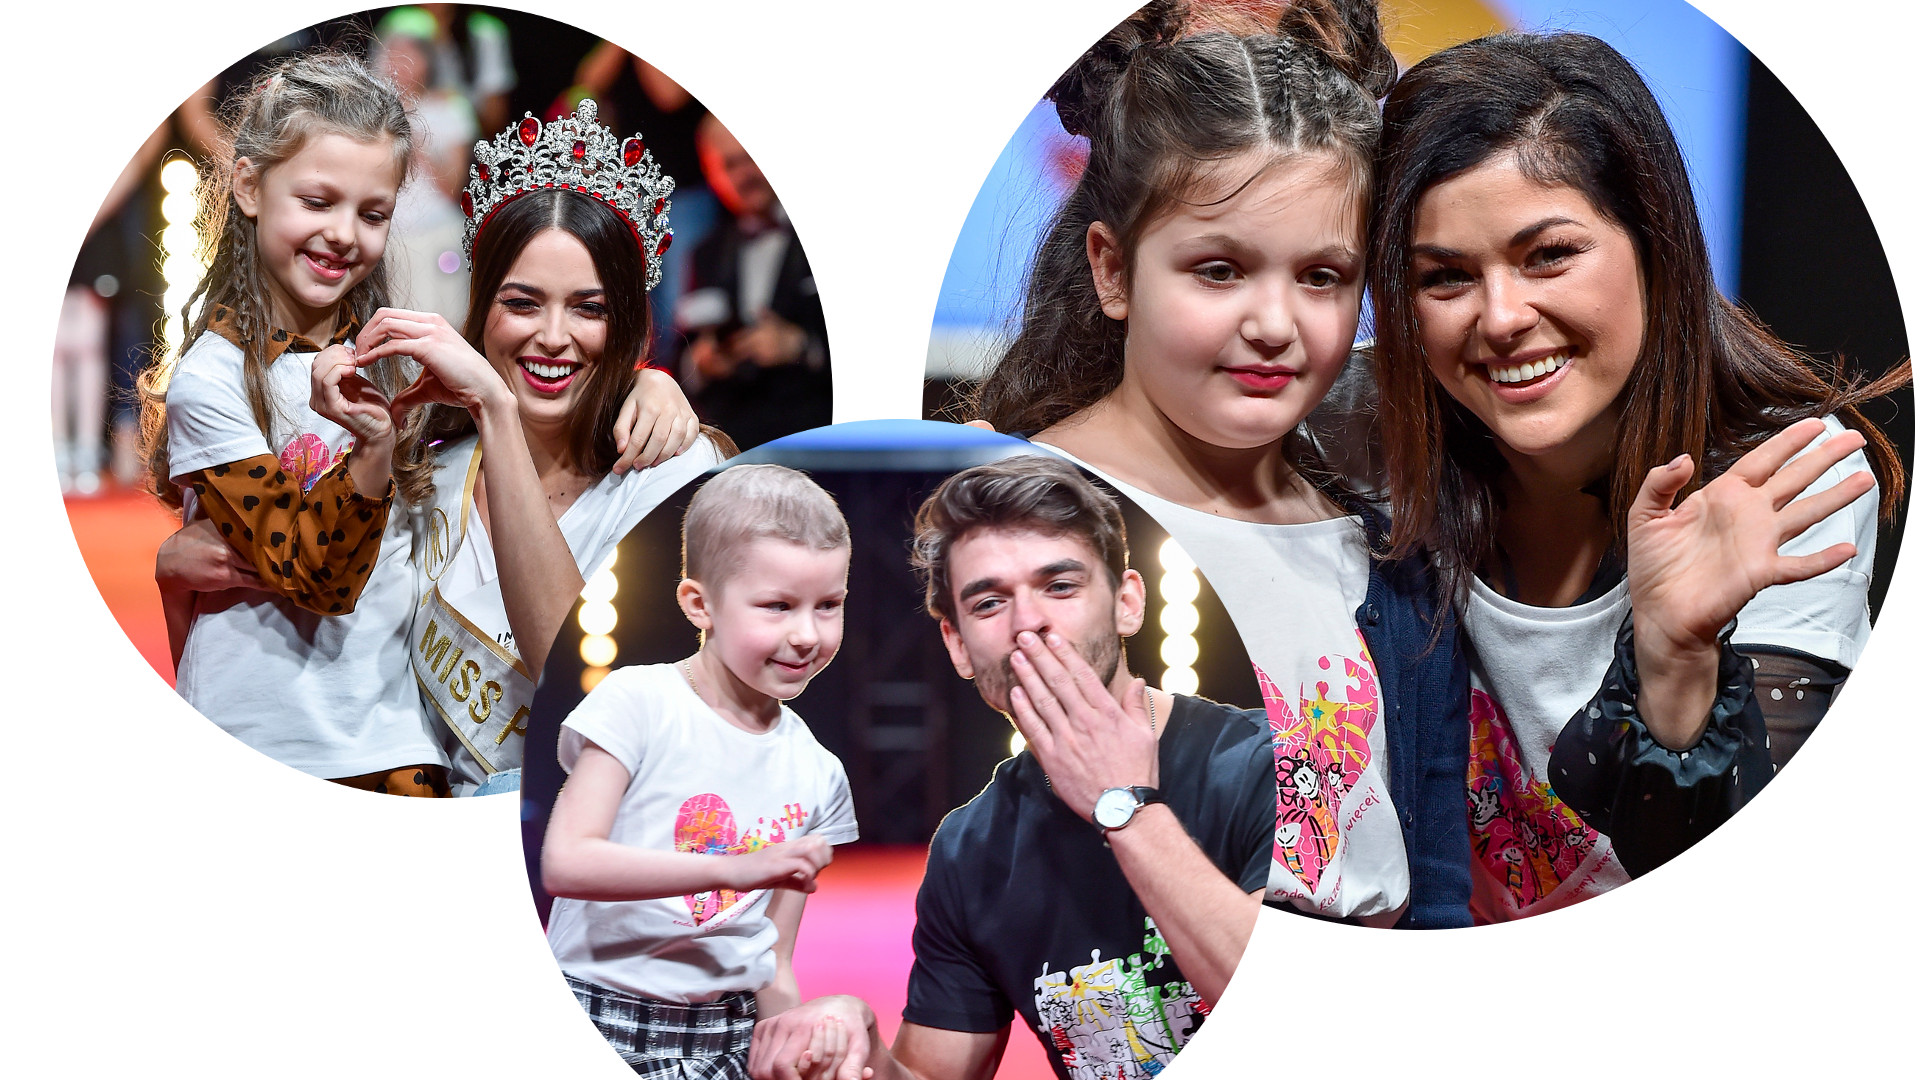 Manowska, Buława, Zarzycki na specjalnym pokazie mody Dzieci Dzieciom